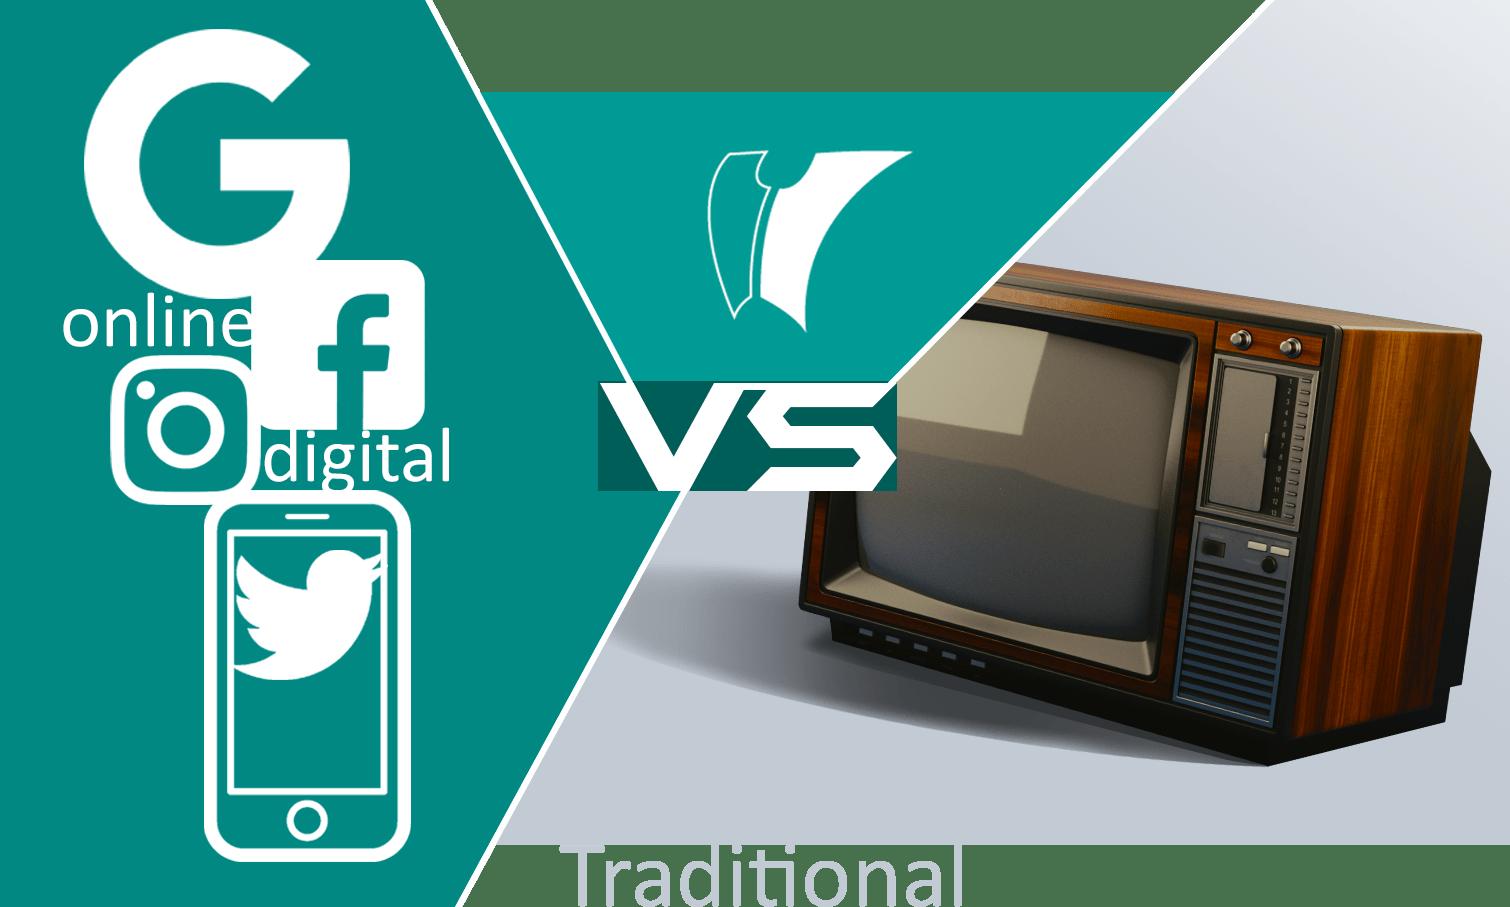 Kada koristiti tradicionalno a kada digitalno oglasavanje